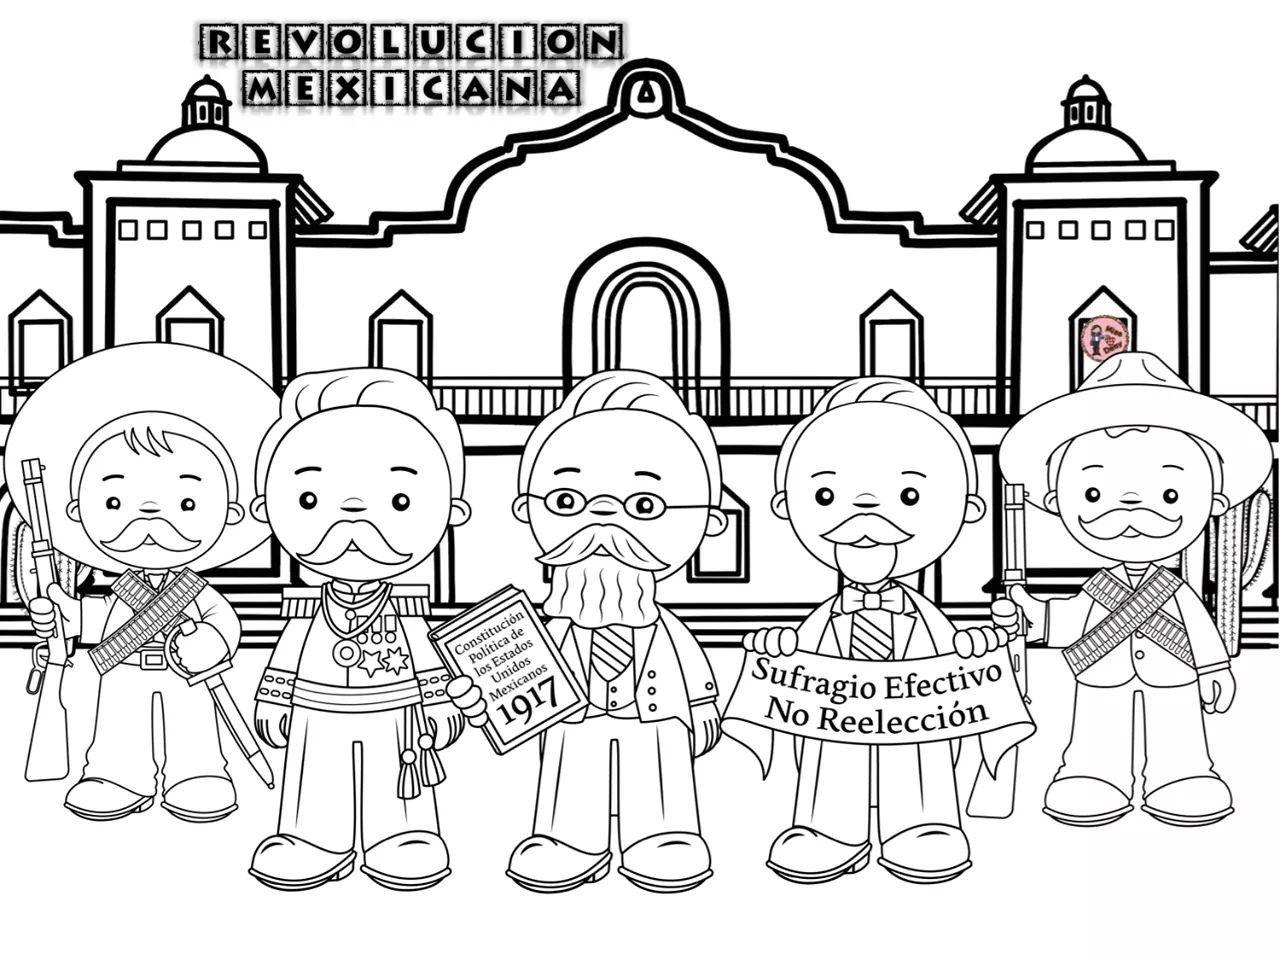 Colorear Personajes De La Revolución Mexicana